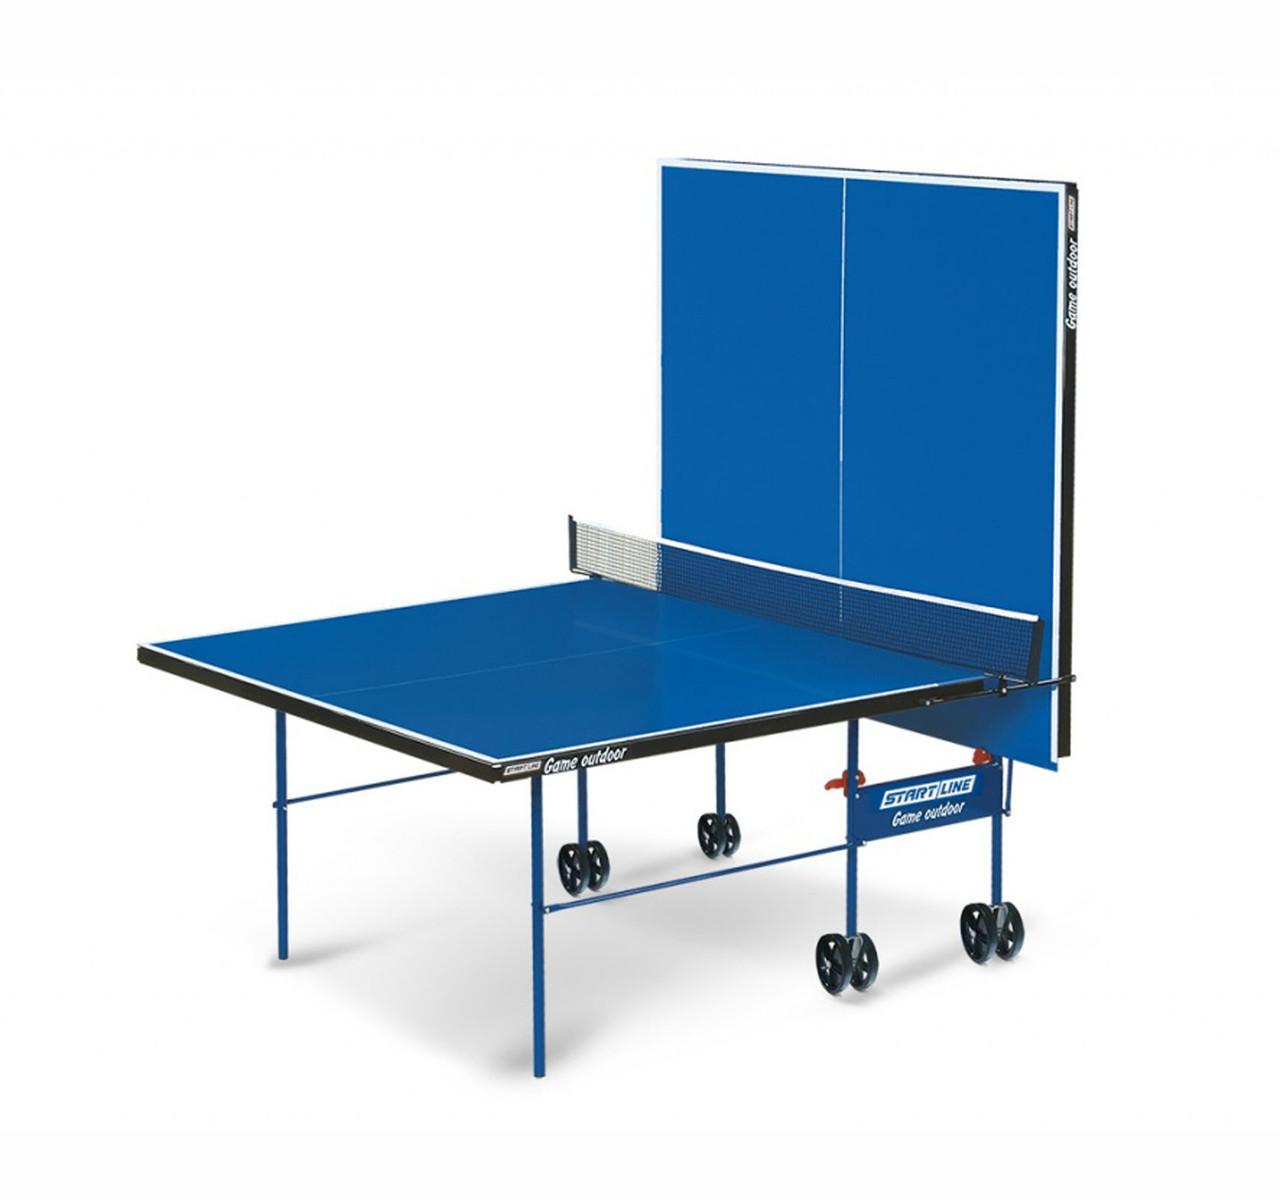 Теннисный стол Start line GAME с сеткой Outdoor Blue - фото 2